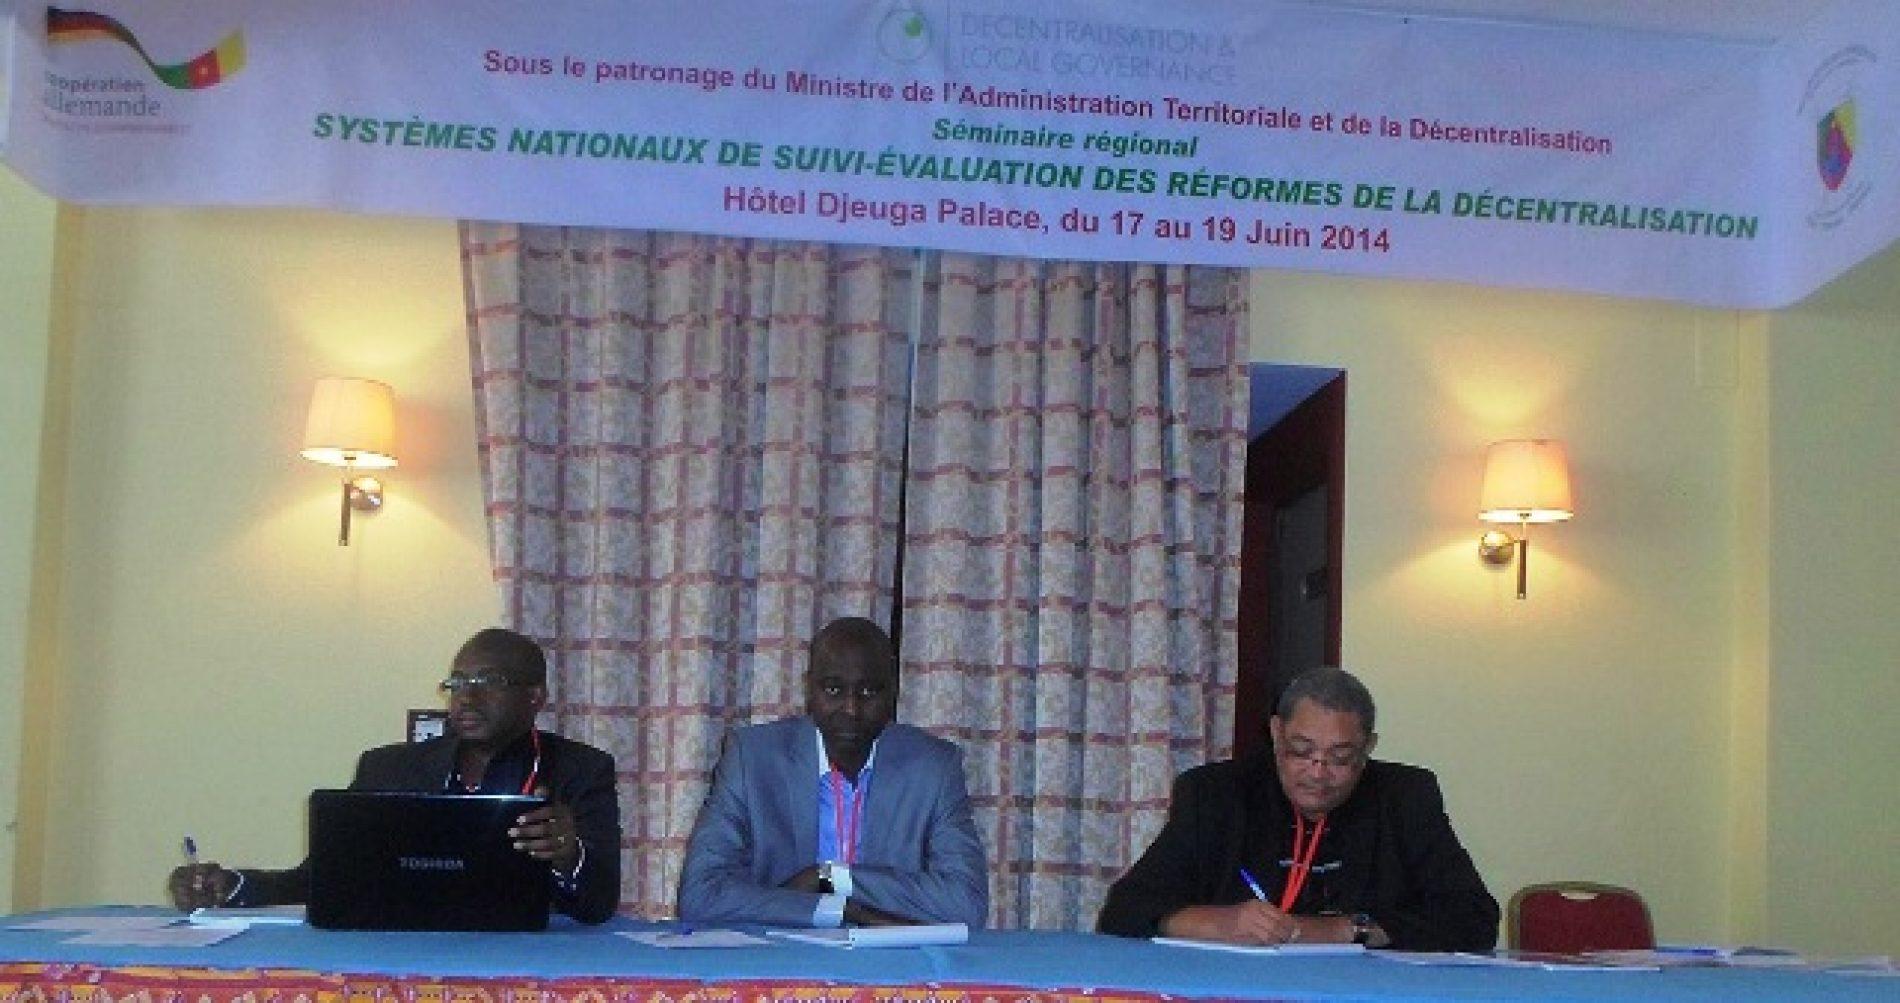 Décentralisation: L'Afrique francophone planche sur le suivi évaluation